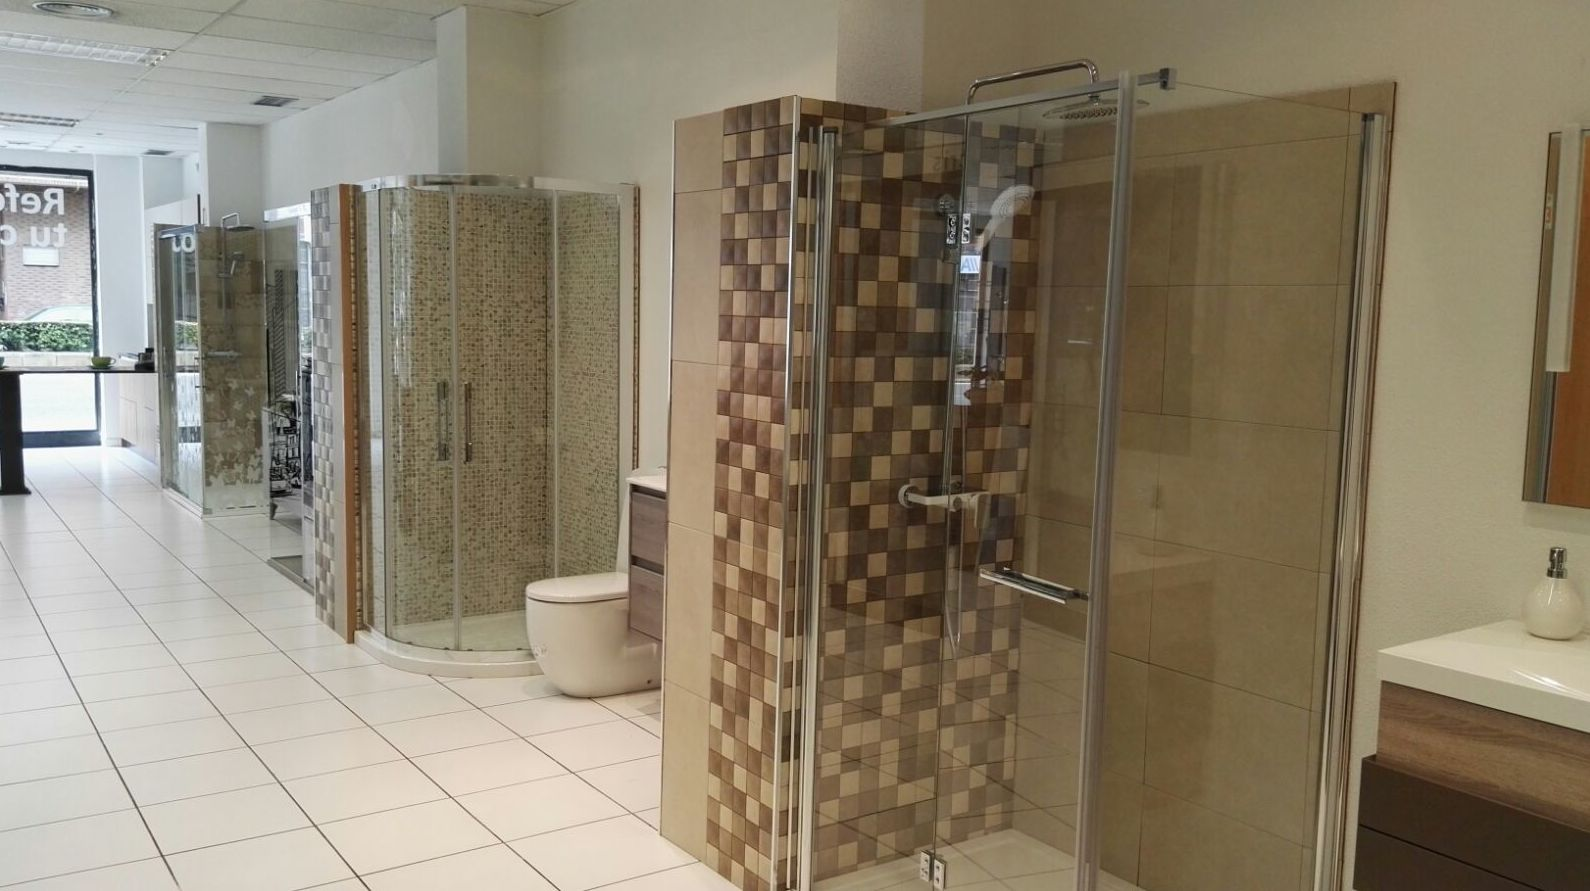 Accesorios y muebles para el baño en León